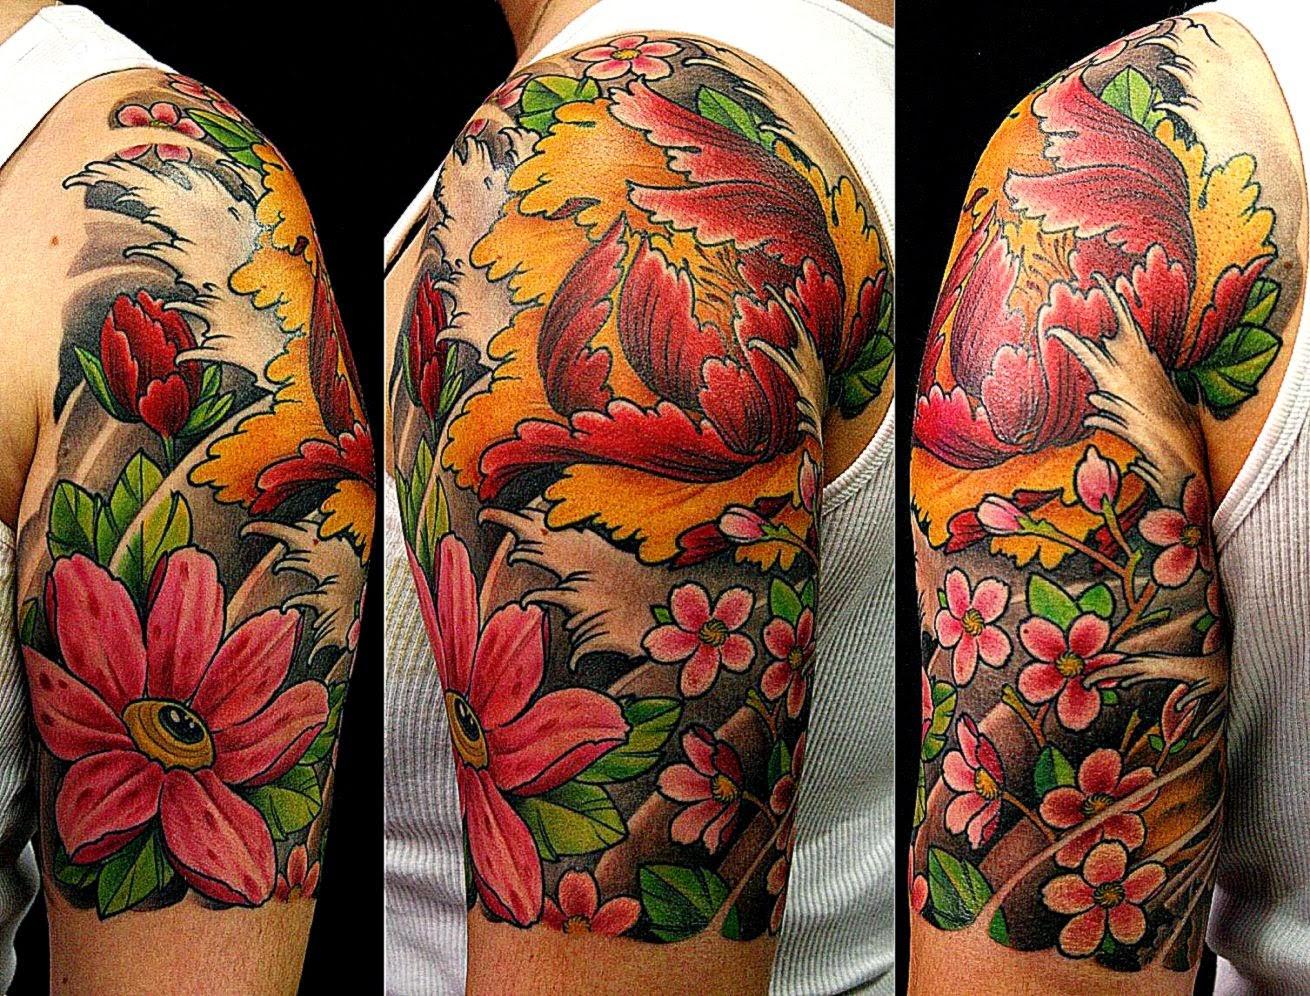 Vibrant Flower Tattoo Wallpaper | Best Free HD Wallpaper